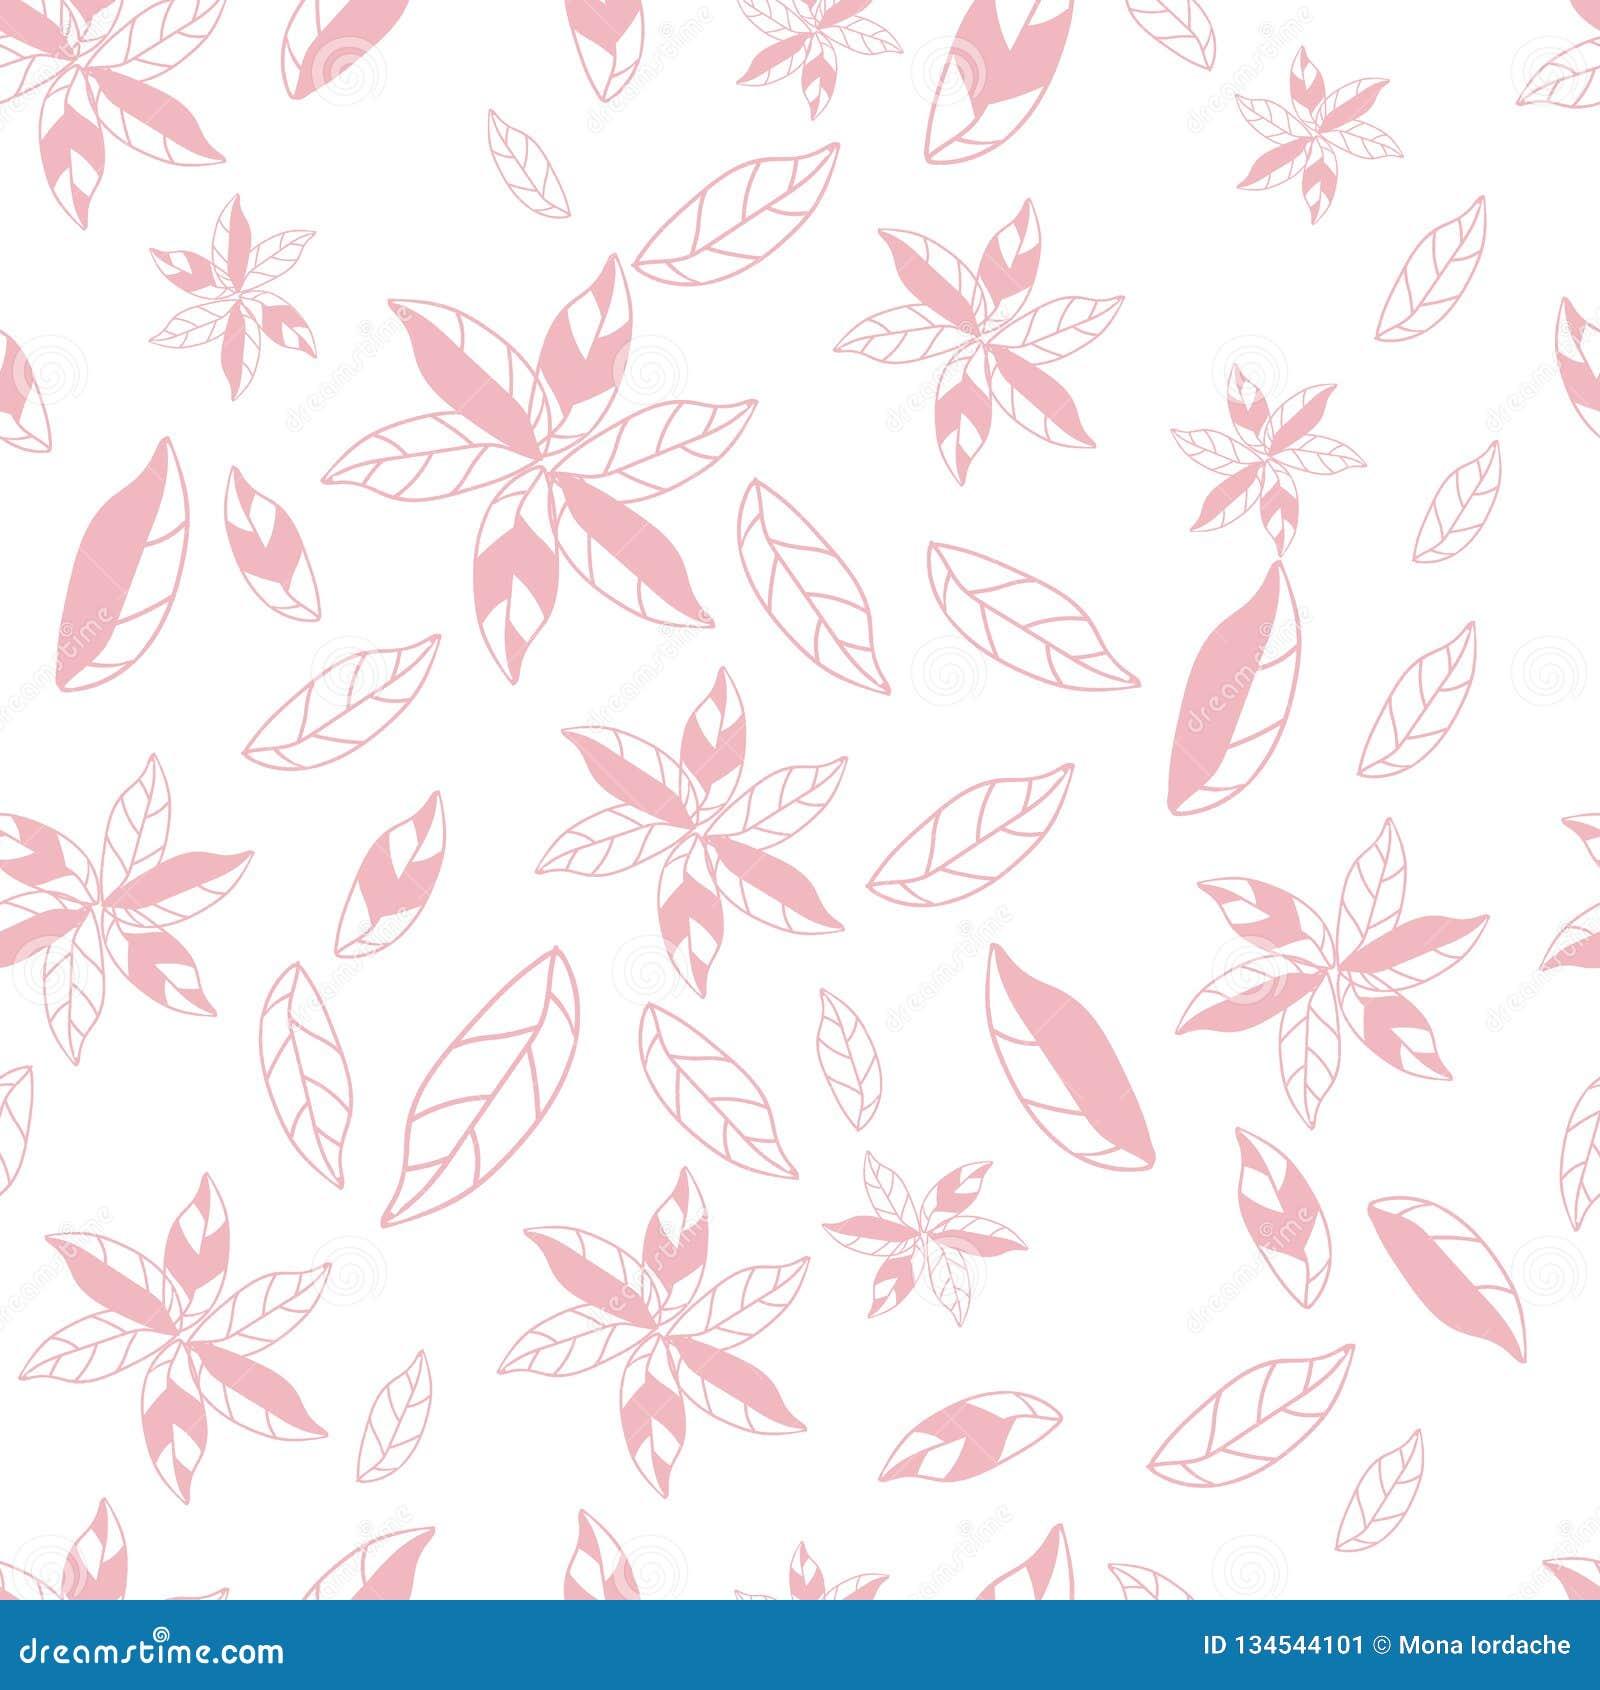 Fiori astratti disegnati a mano di rosa sul modello senza cuciture del fondo bianco